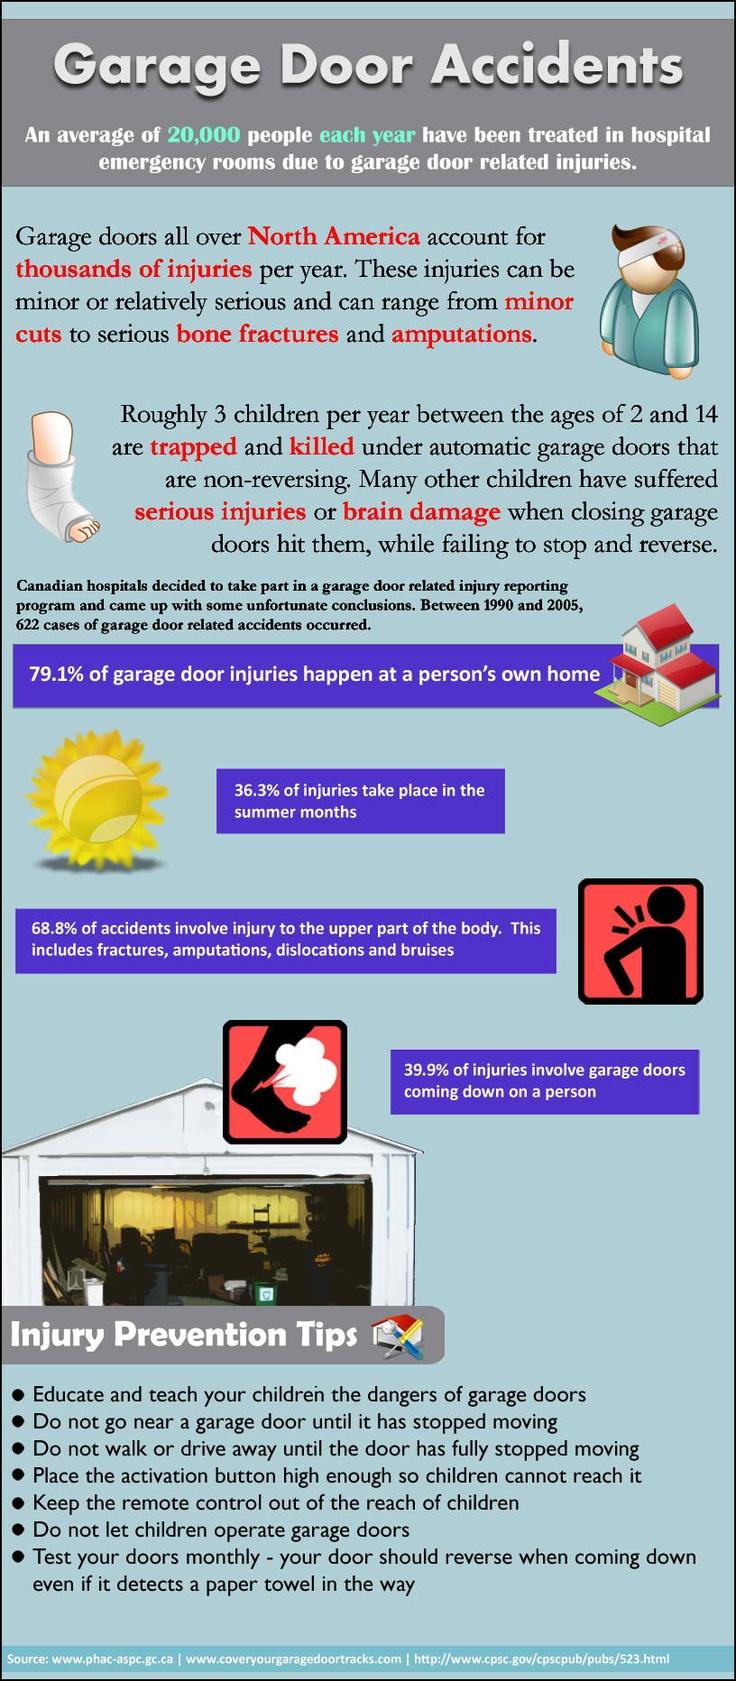 Garage Door Accidents: Garage Accidents, Technicalgarag Doors, Doors Accidents,  Internet Site,  Website, Alpha Garage, Web Site, Garage Doors, Latest Infographic